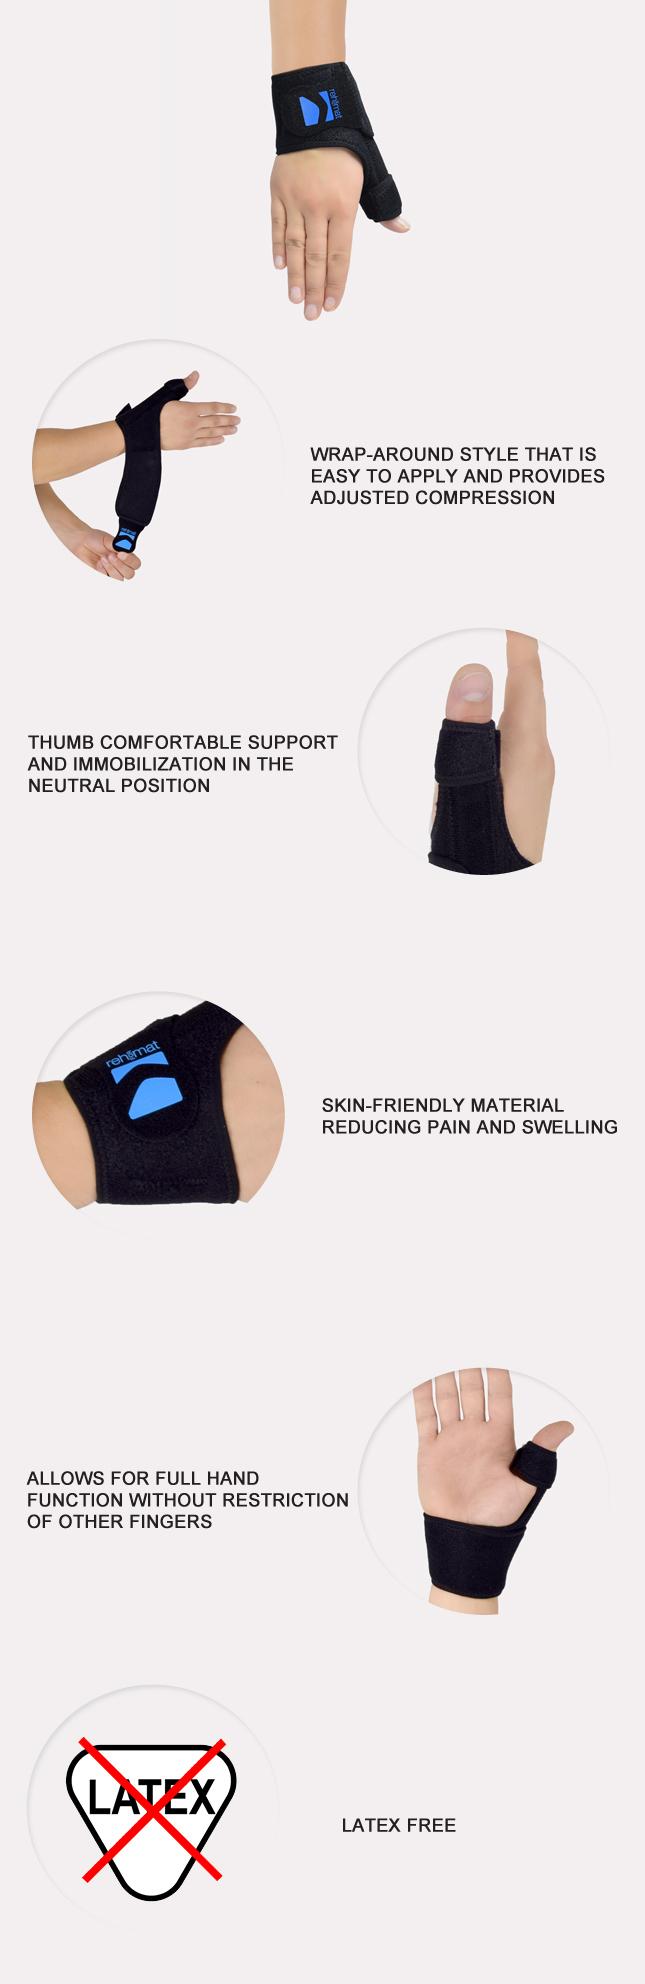 Подусти пръсти от артрит лечение домашно